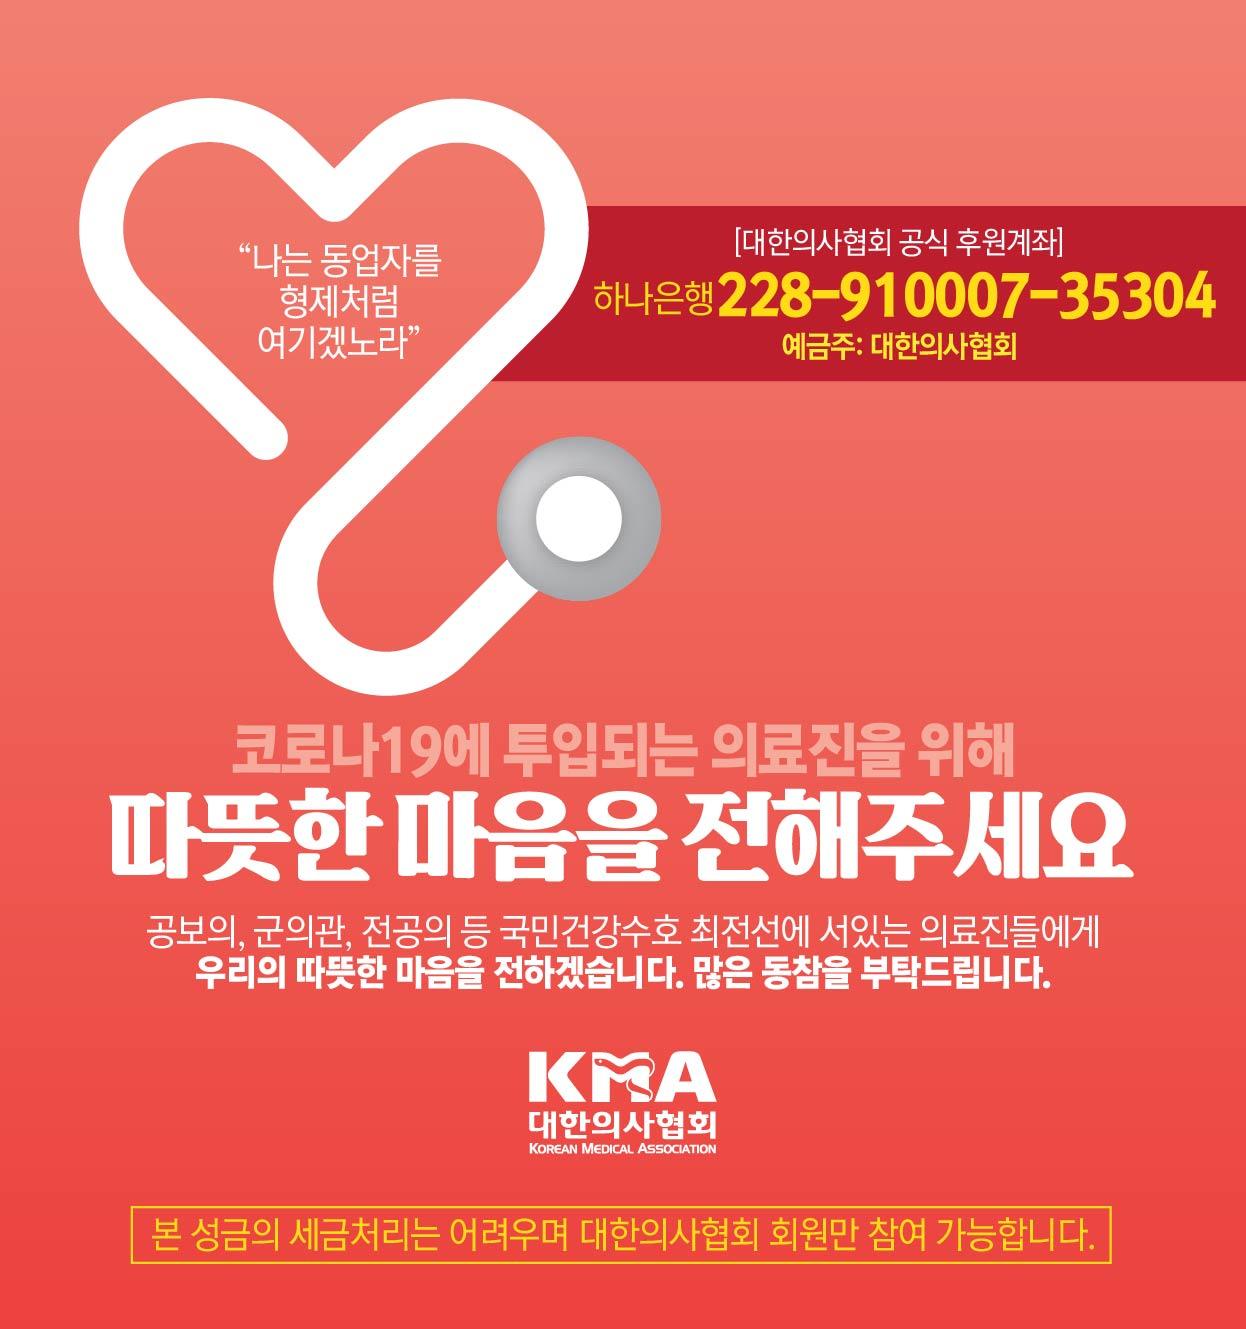 첨부_코로나바이러스감염증-19 관련 회원 돕기 성금 모금 안내문.jpg